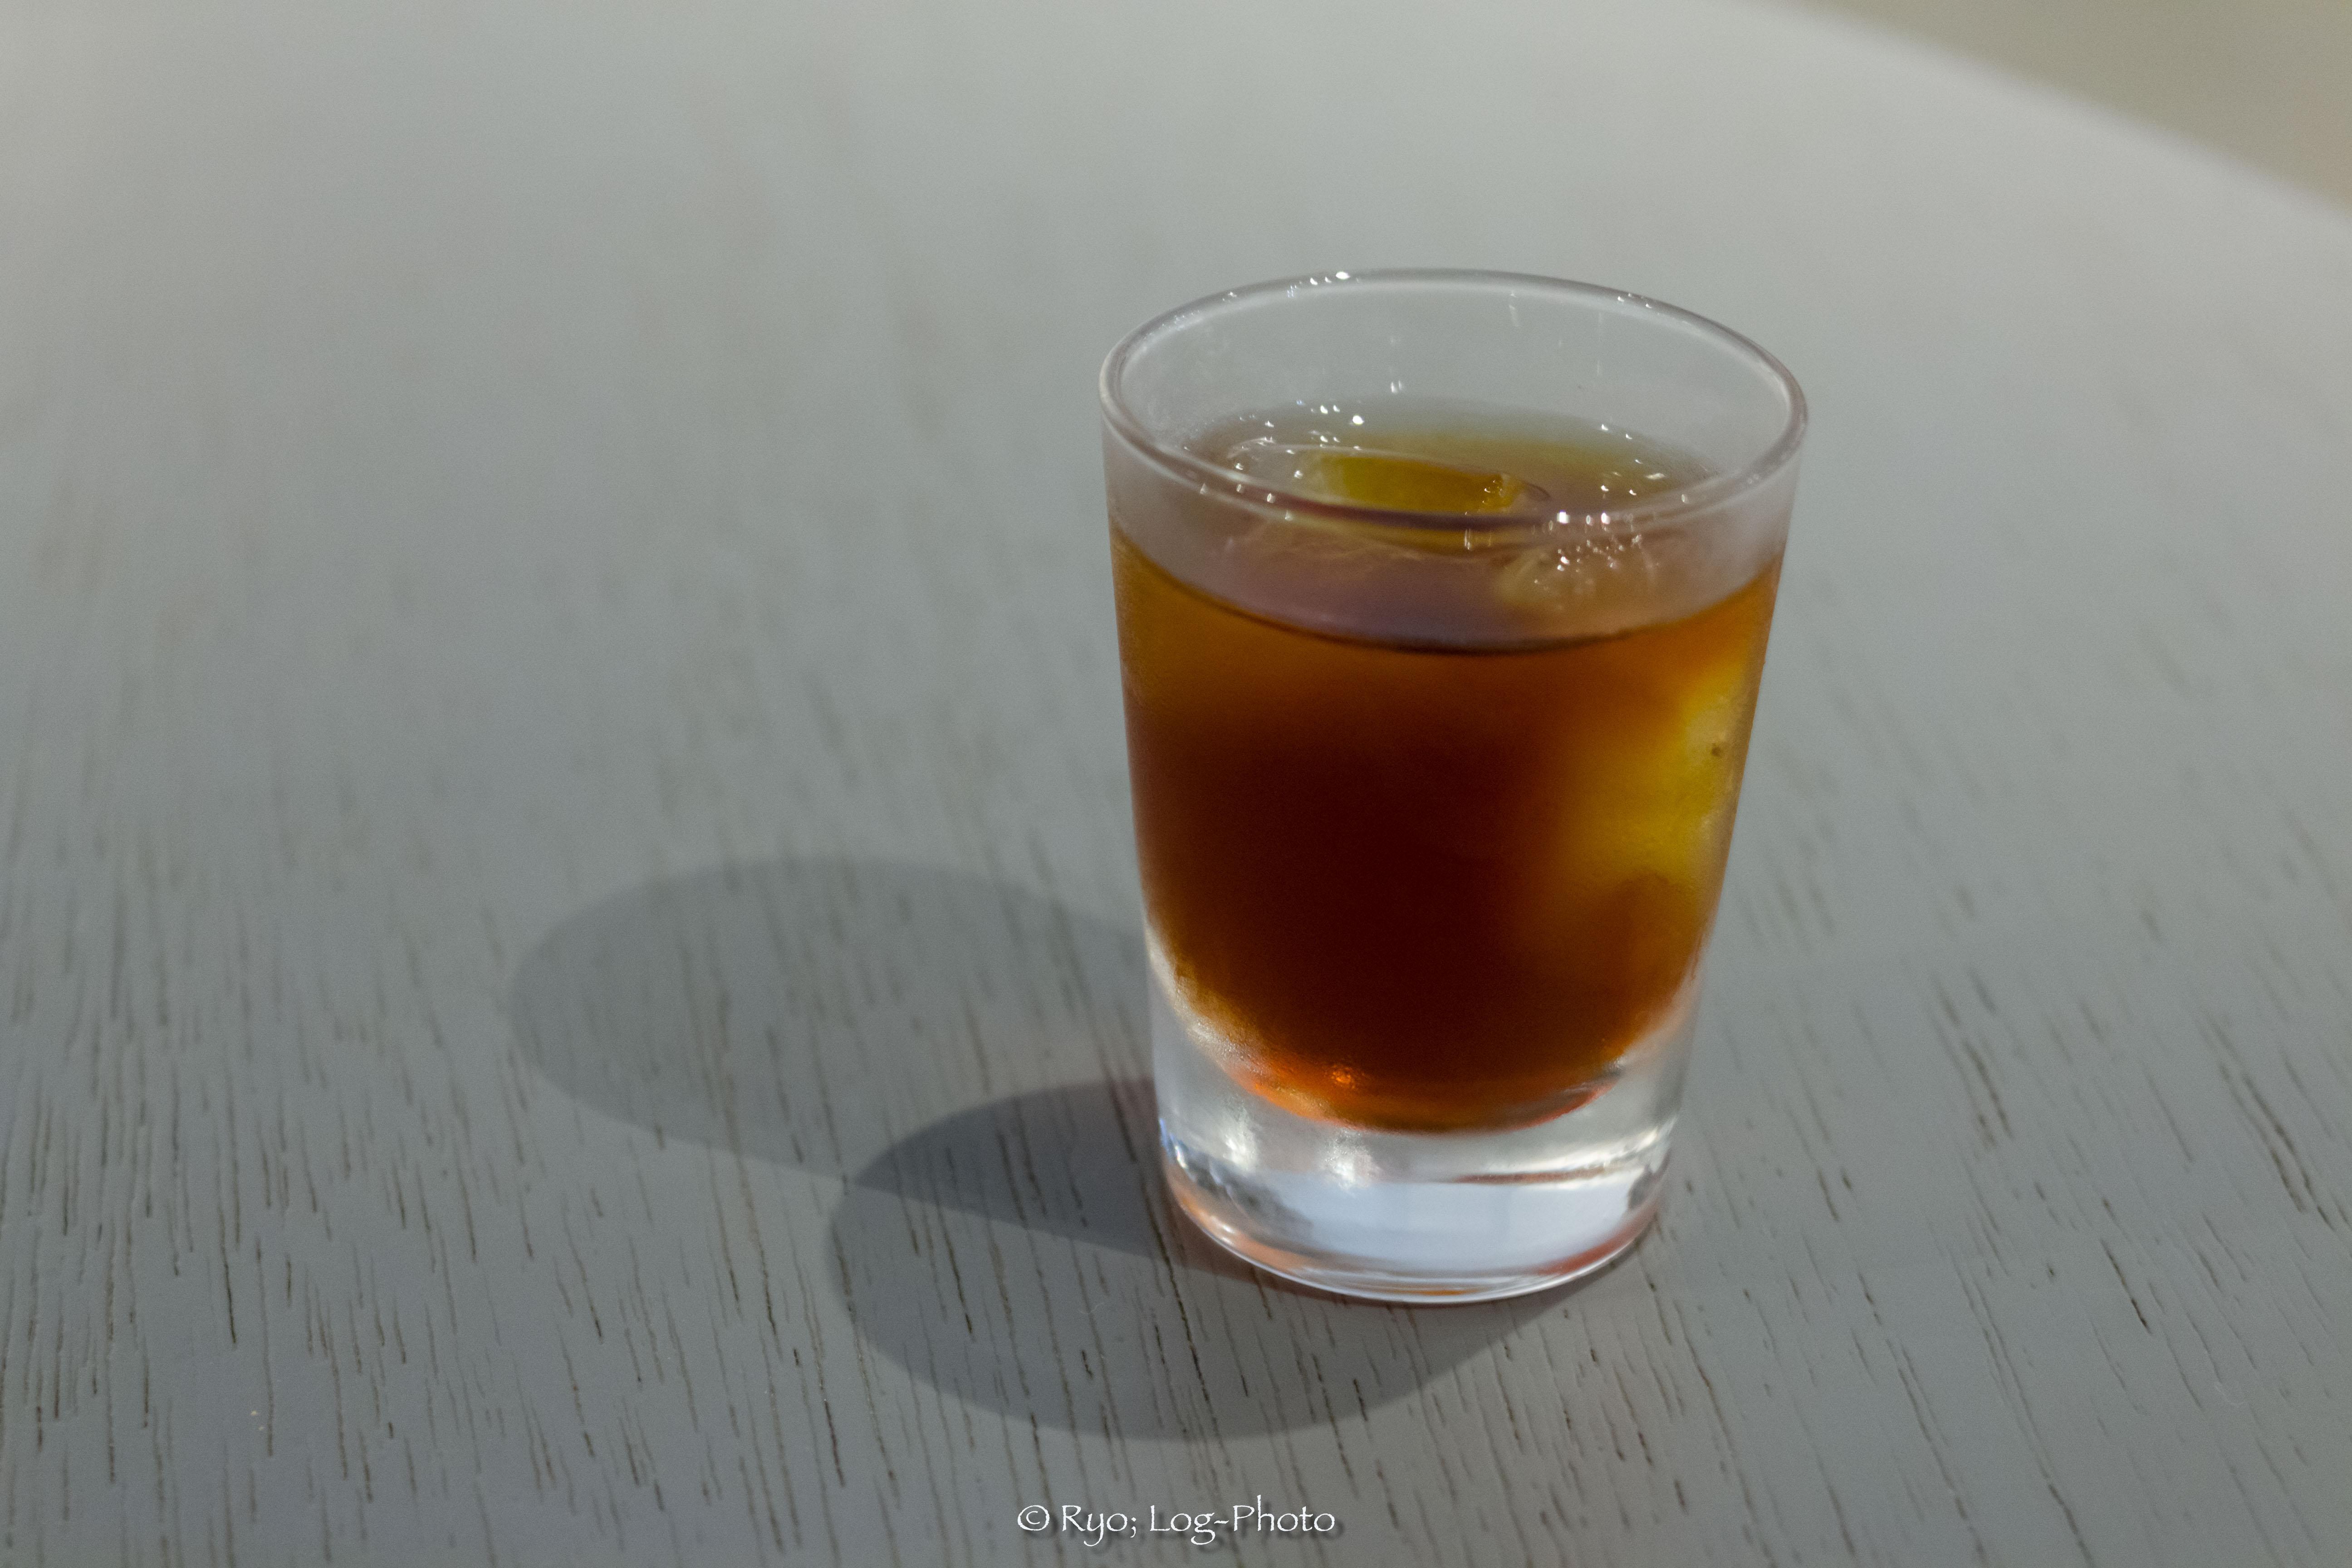 nozycoffeeノージーコーヒー木更津 アイスコーヒー